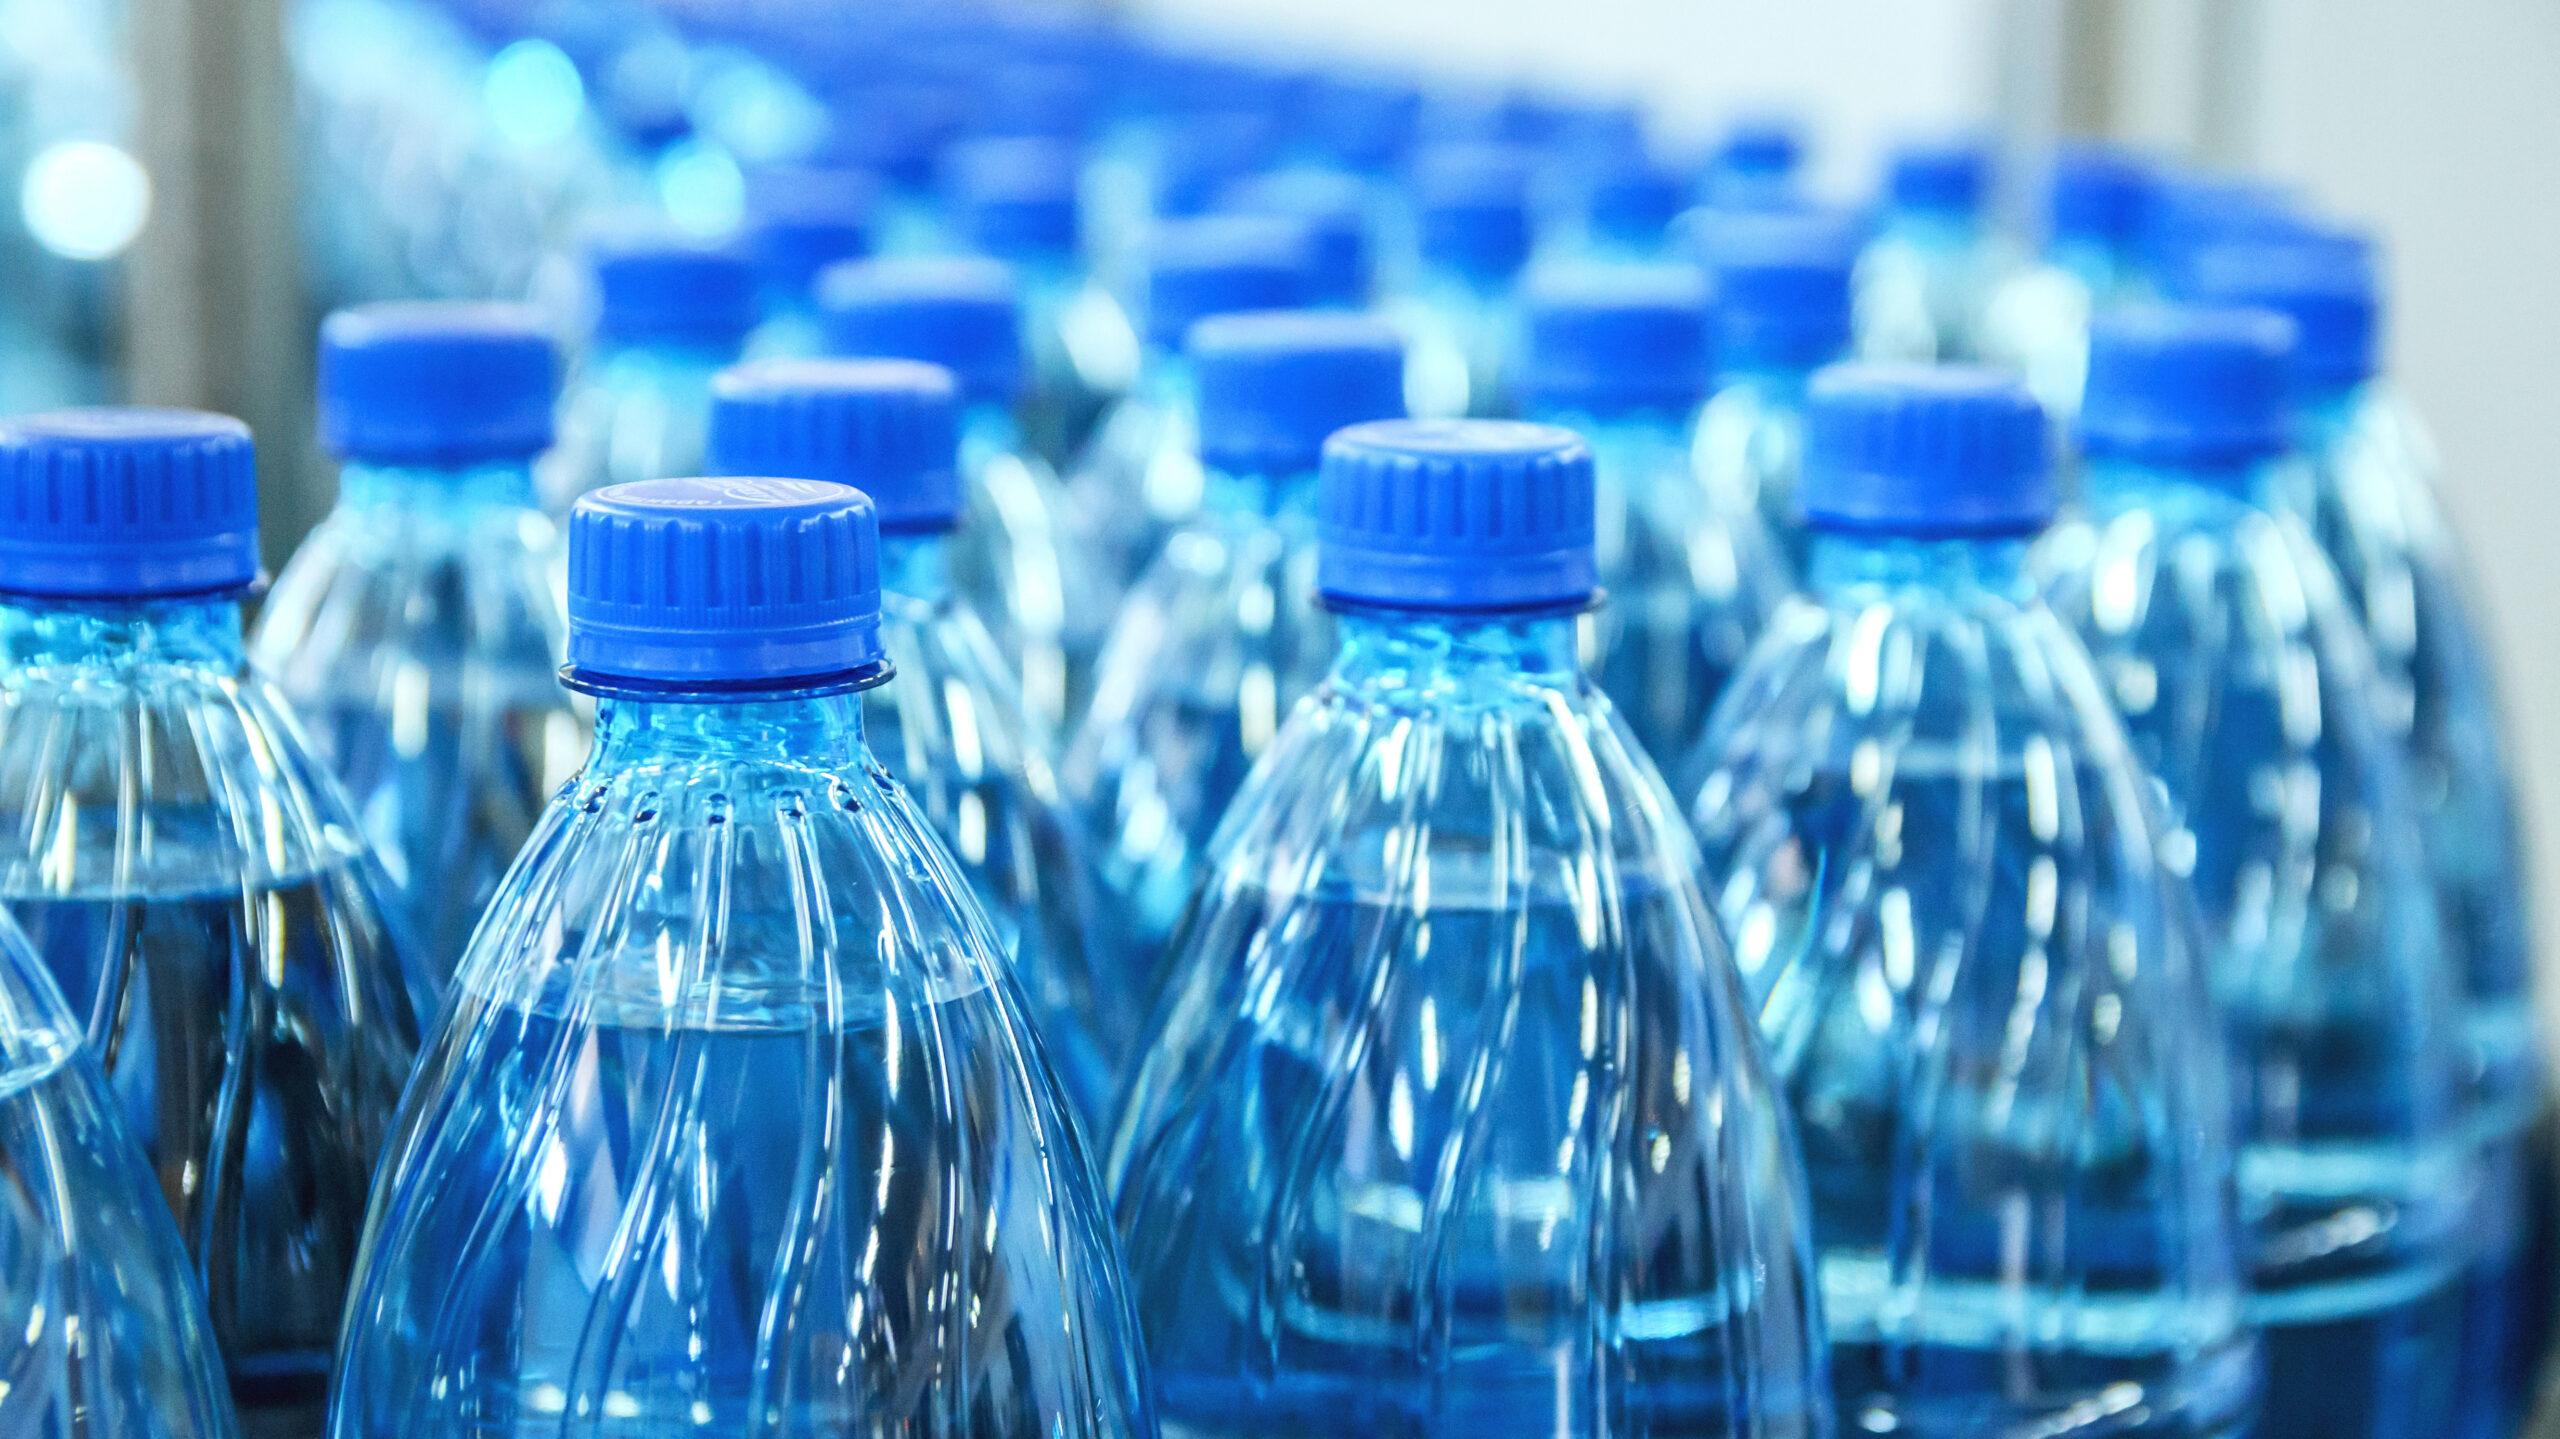 С 2021 года маркировка питьевой воды должна стать обязательной